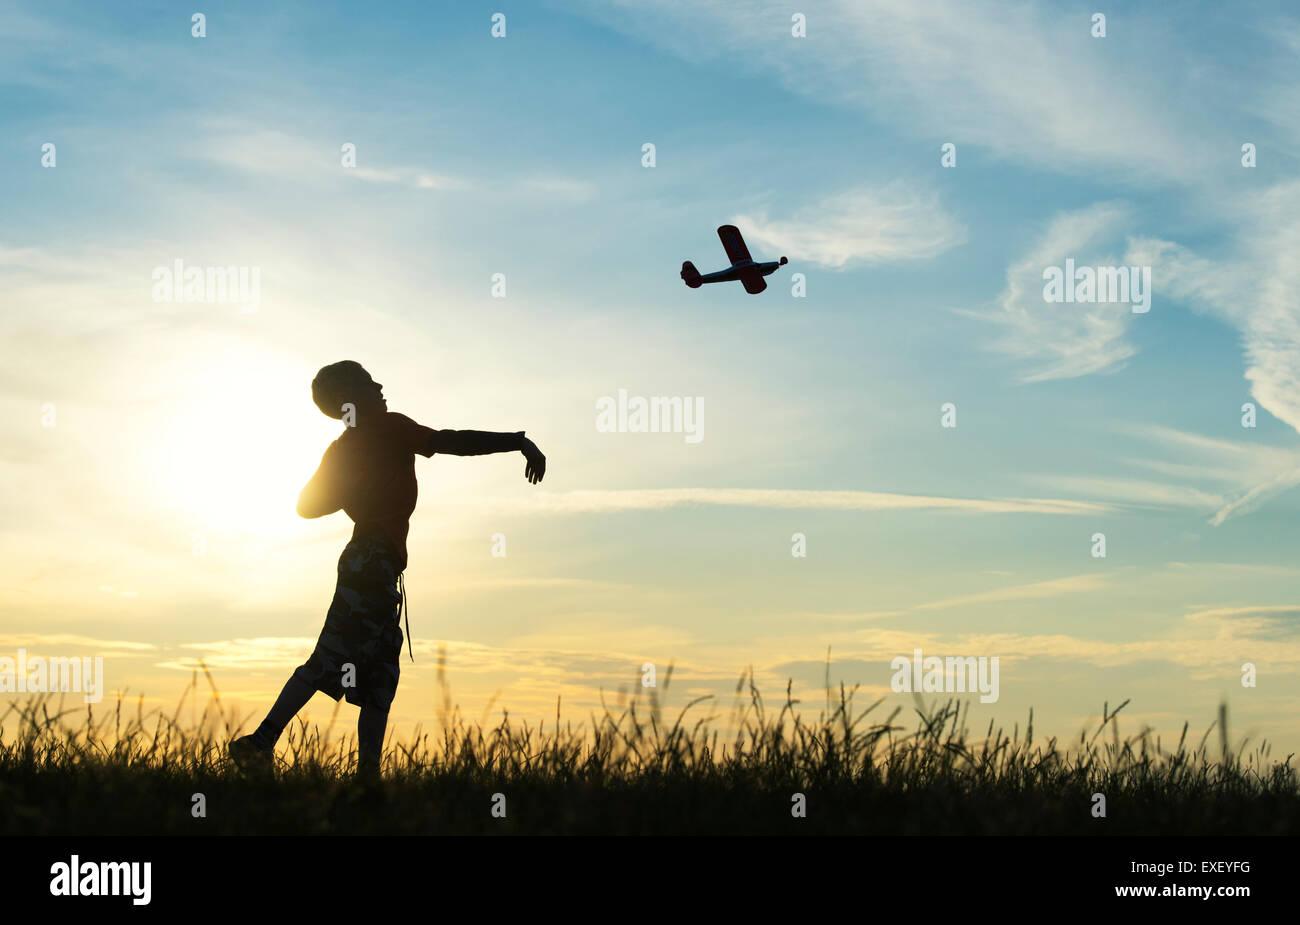 Garçon en train de lancer un modèle réduit d'avion au coucher du soleil. Silhouette Photo Stock